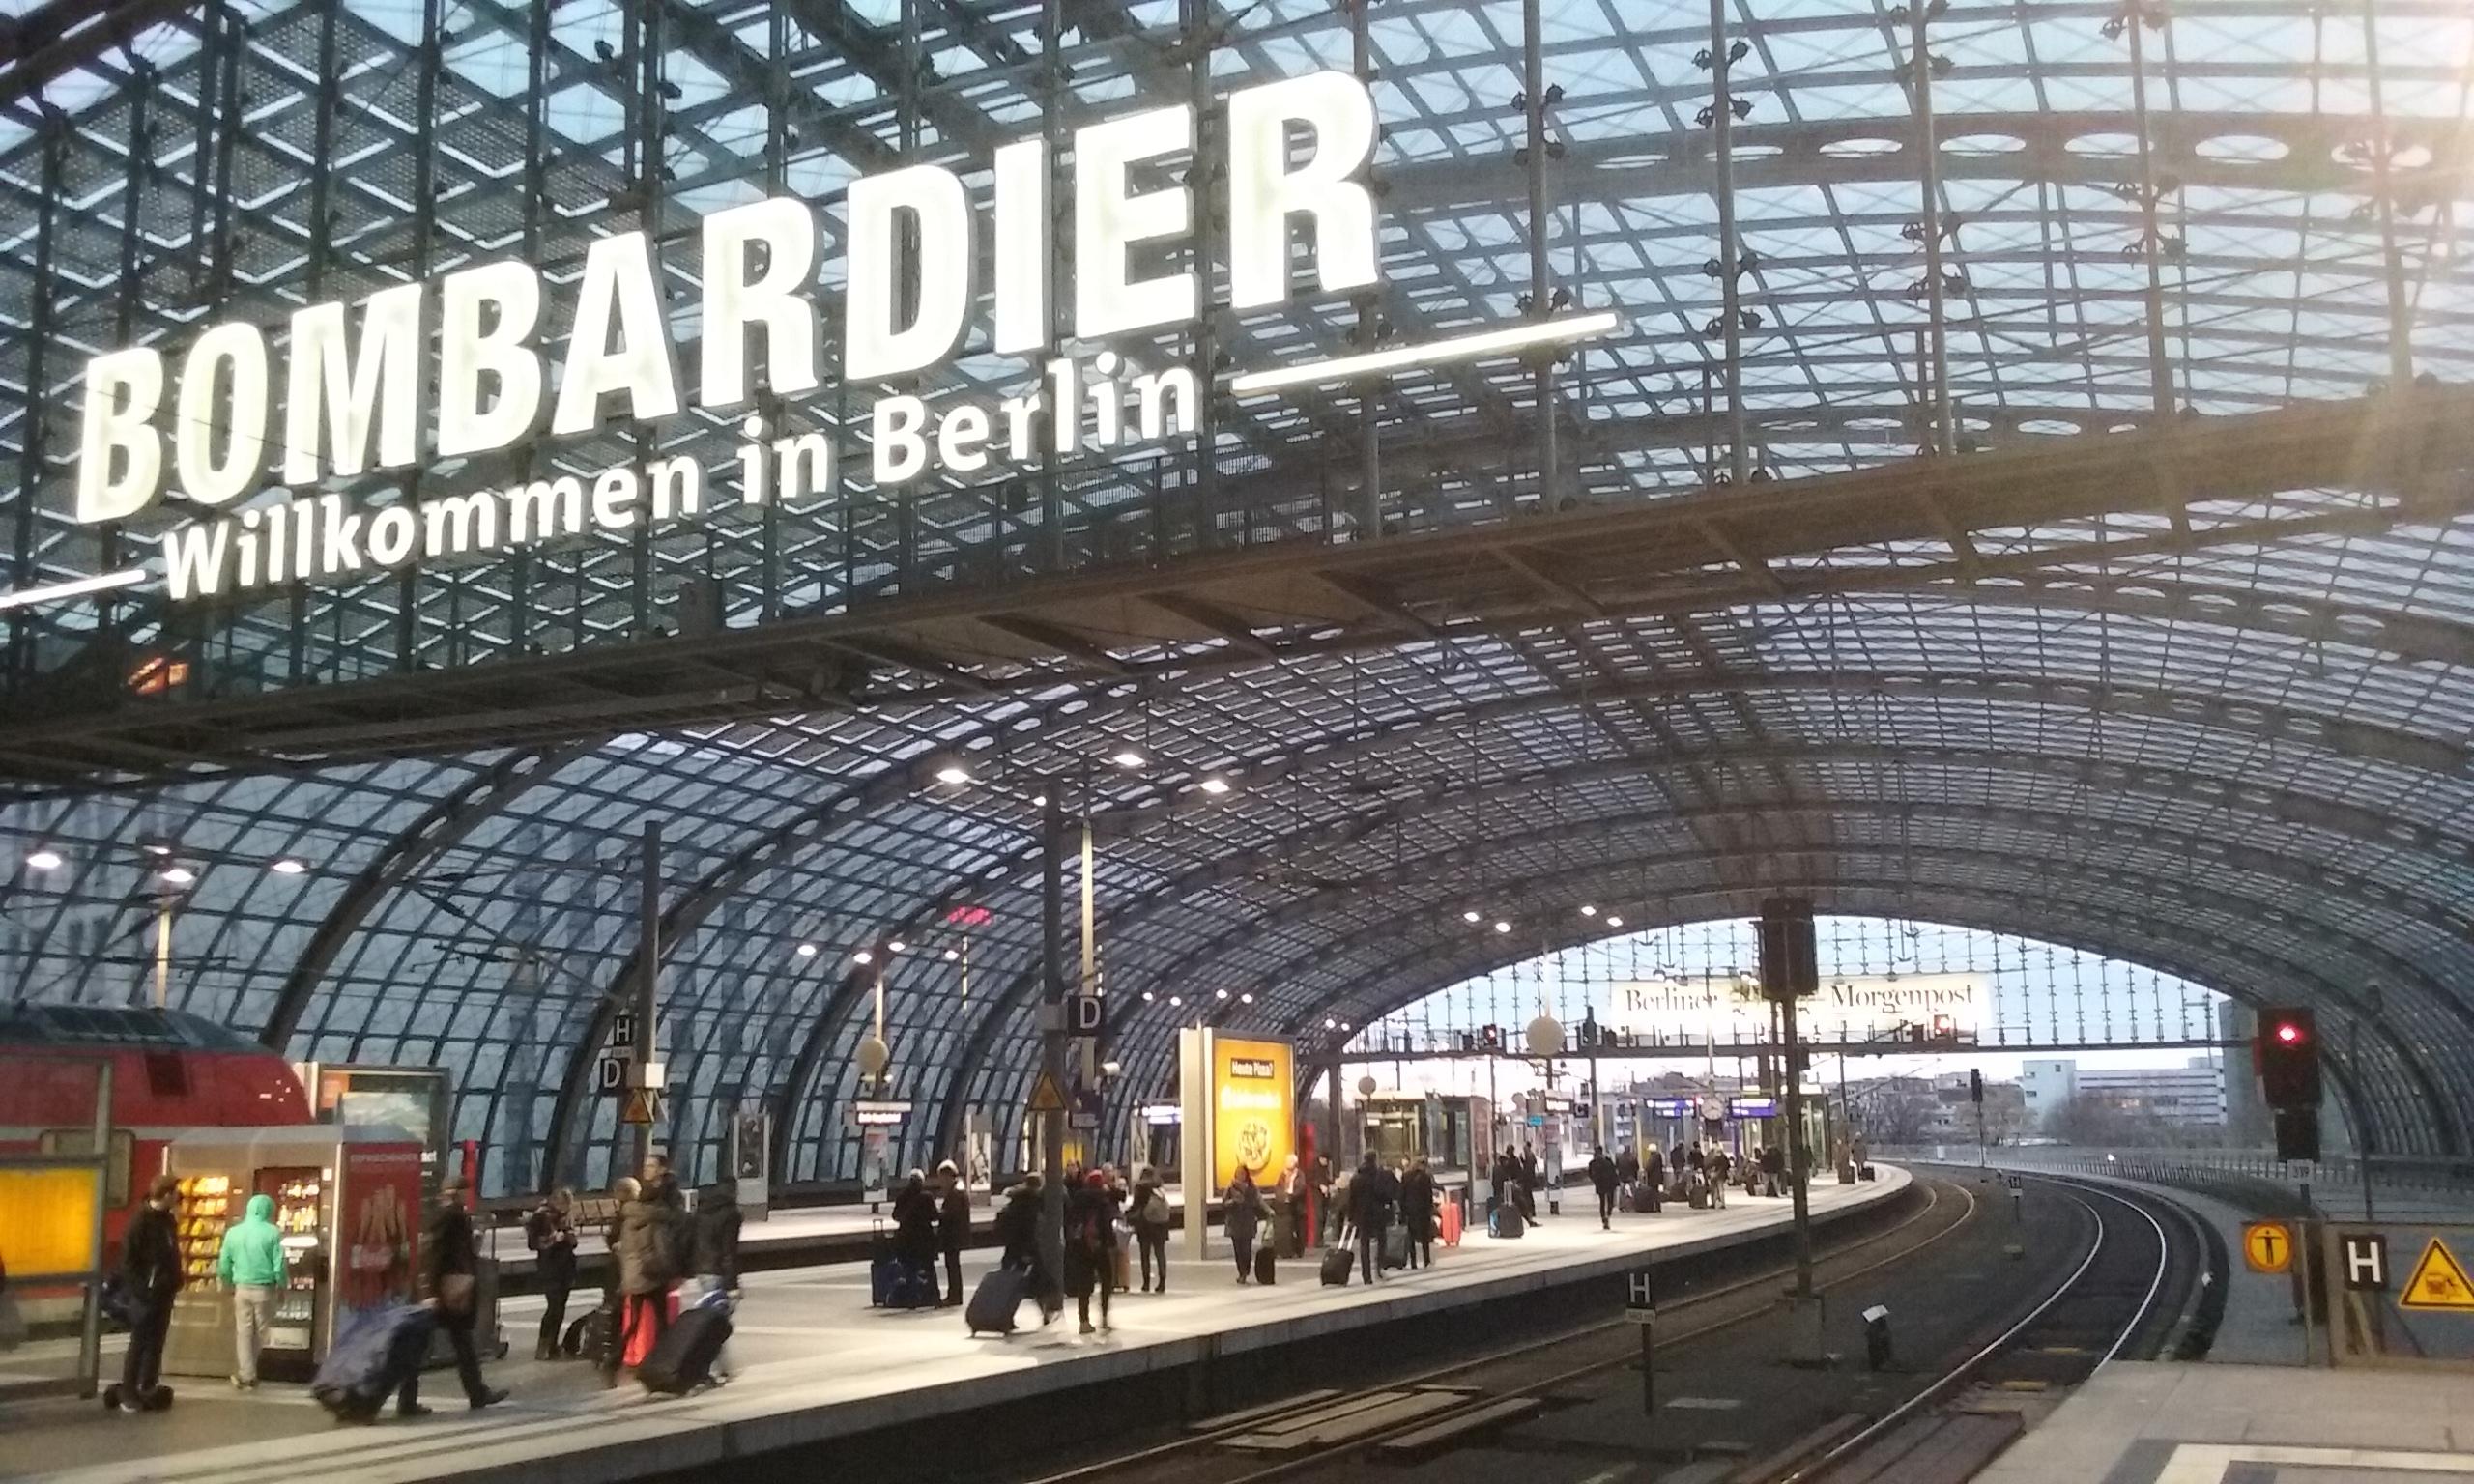 cmi photo d'illustration d'une gare